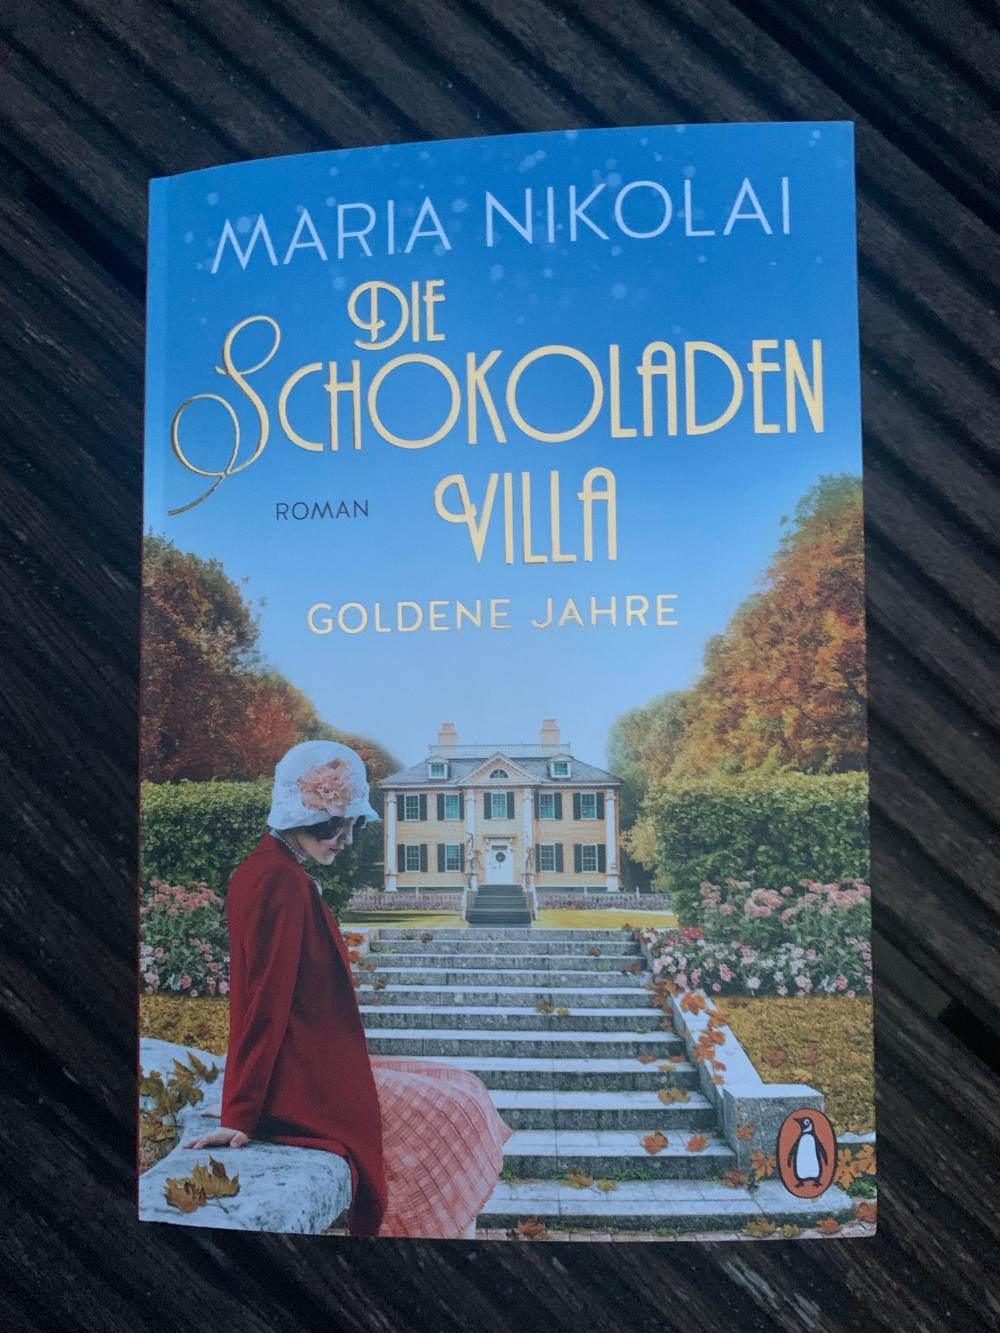 Titel Die Schokoladenvilla Goldene Jahre